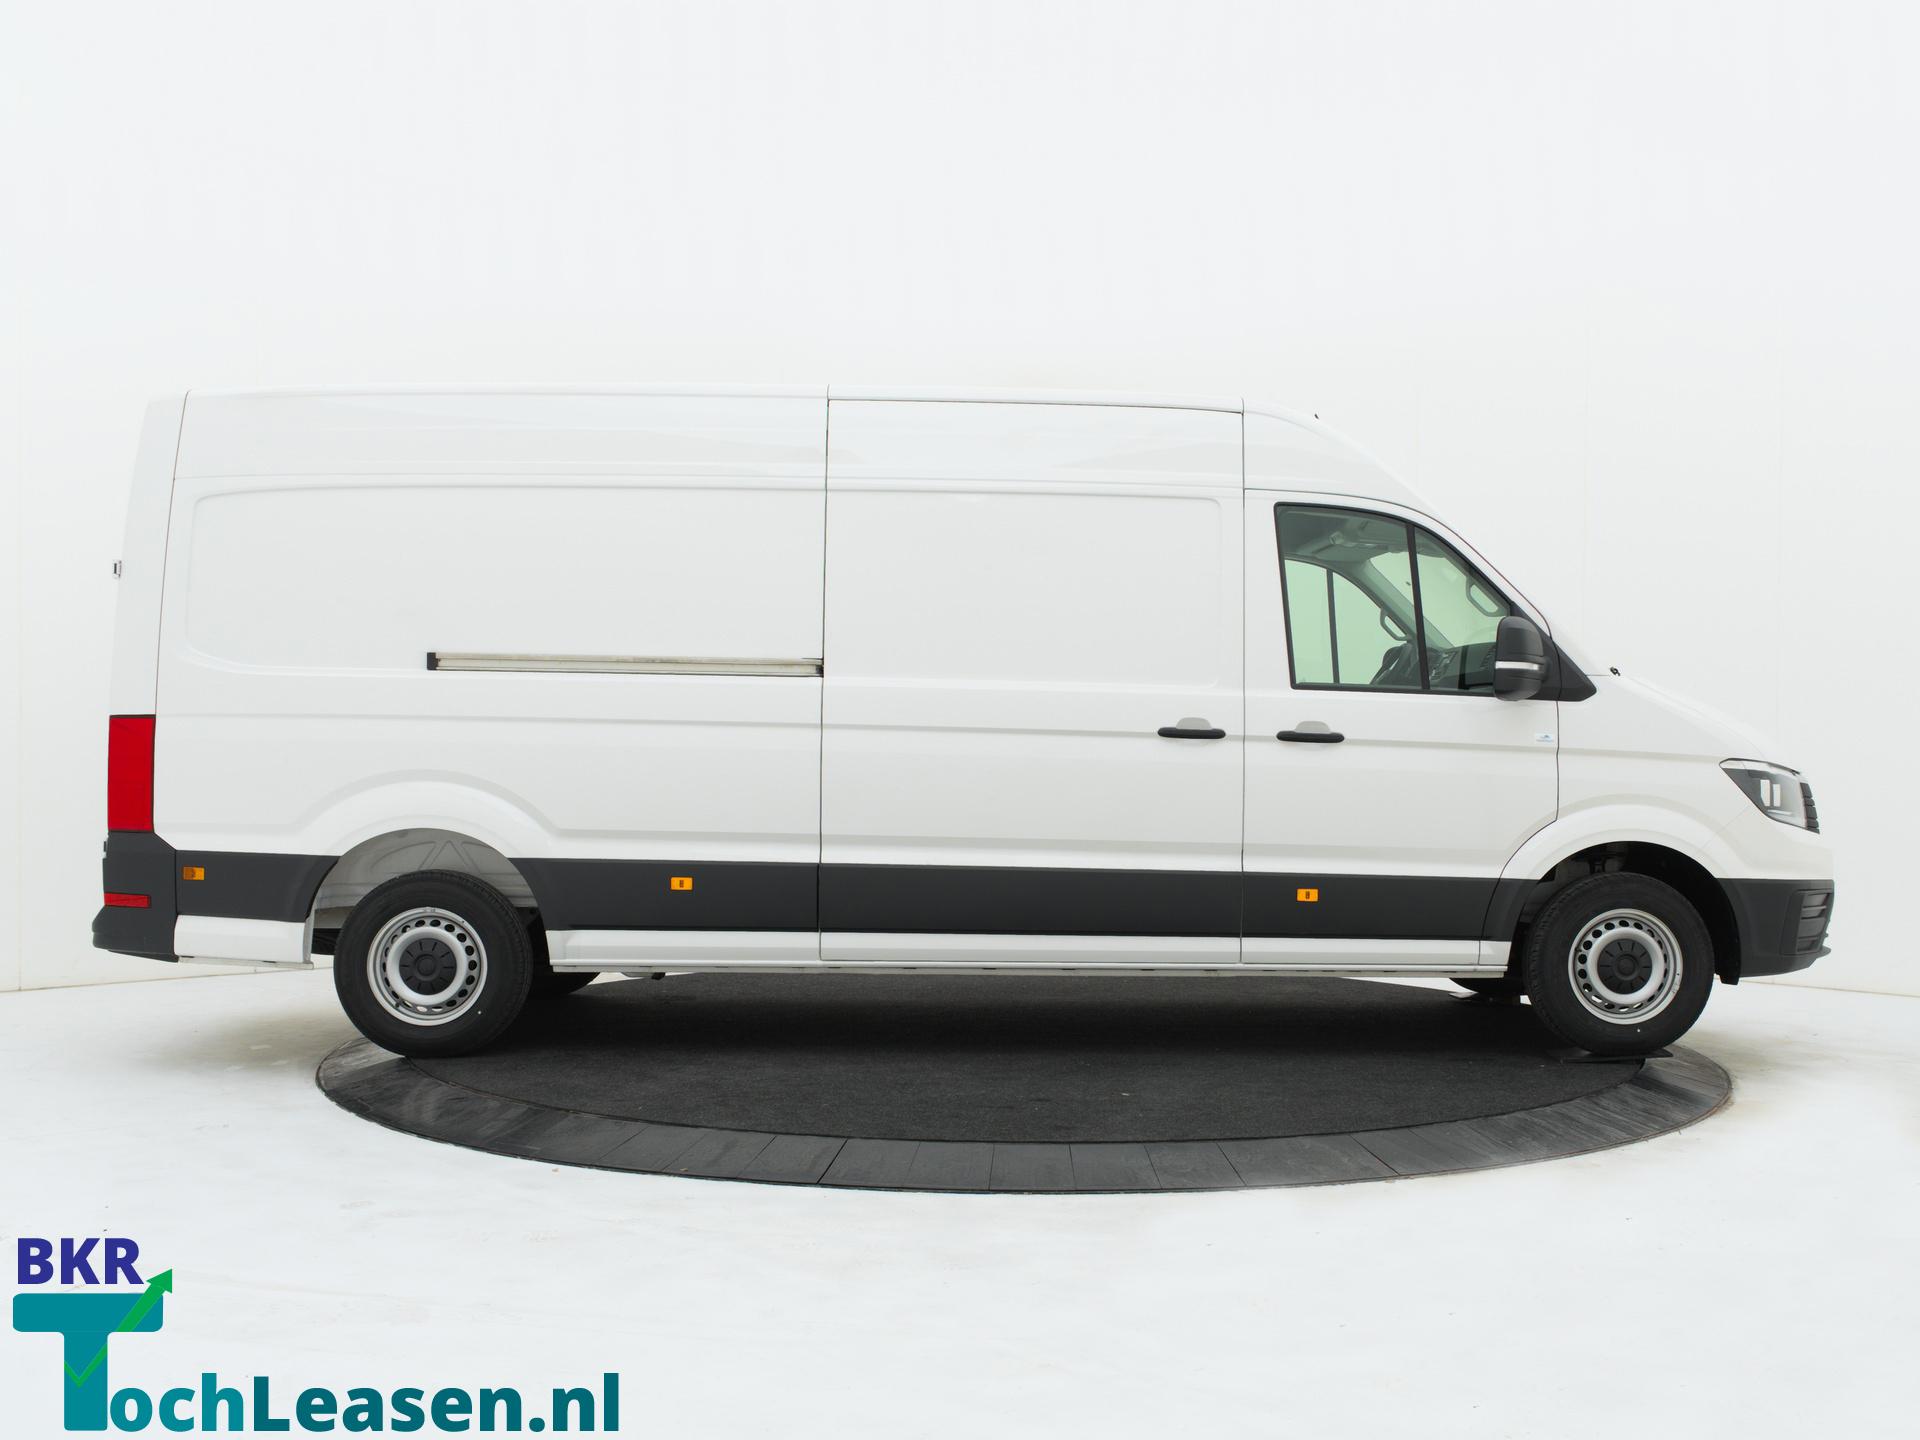 BkrTochLeasen.nl - Witte Volkswagen Crafter 13